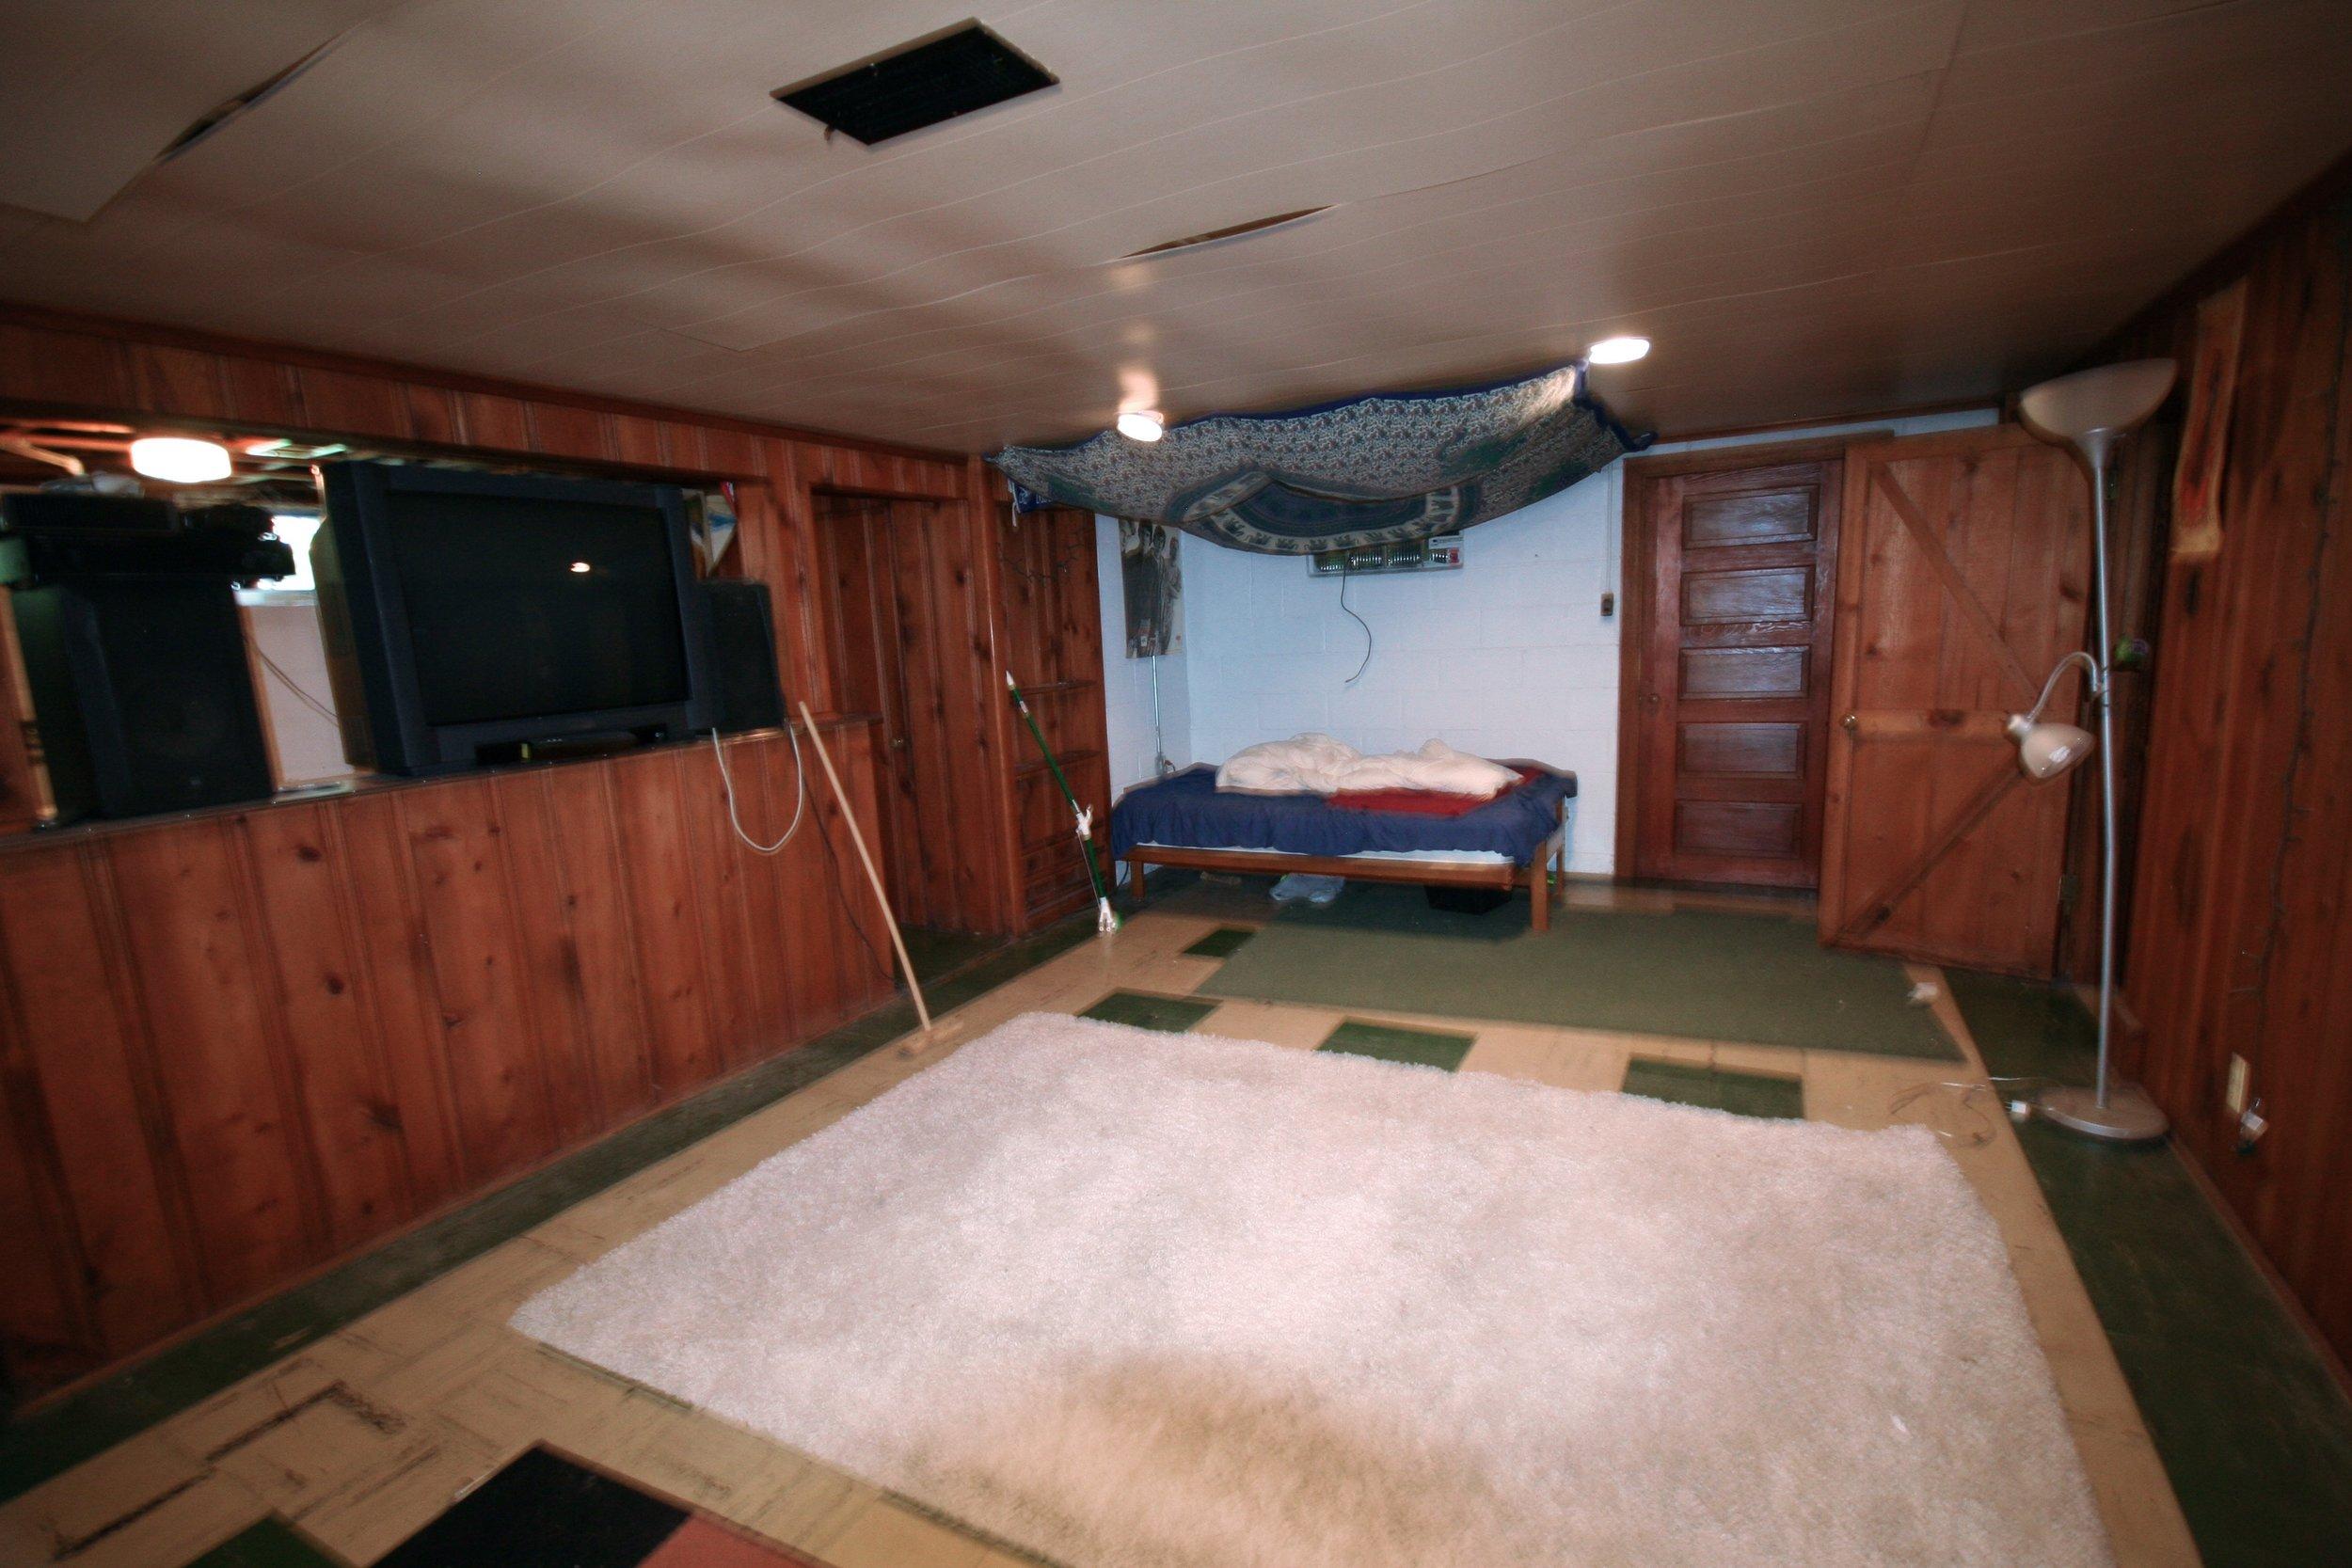 basement livingroom.jpg